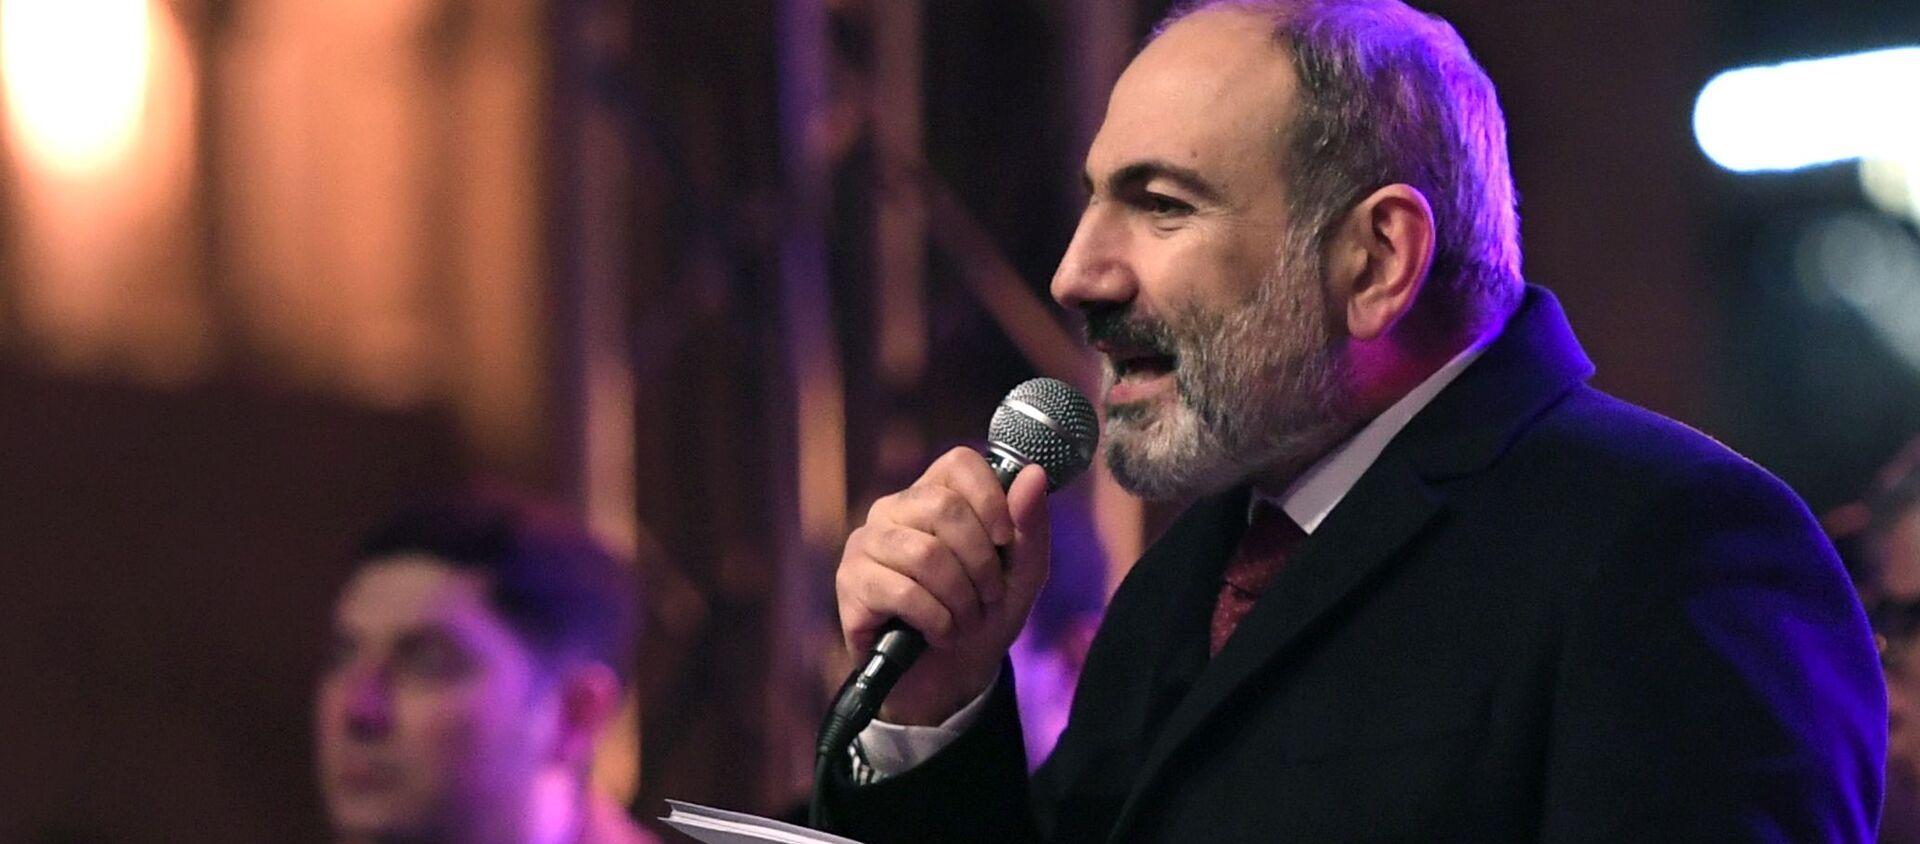 Thủ tướng Armenia Nikol Pashinyan phát biểu trong cuộc mít tinh của những người ủng hộ ông - Sputnik Việt Nam, 1920, 02.03.2021